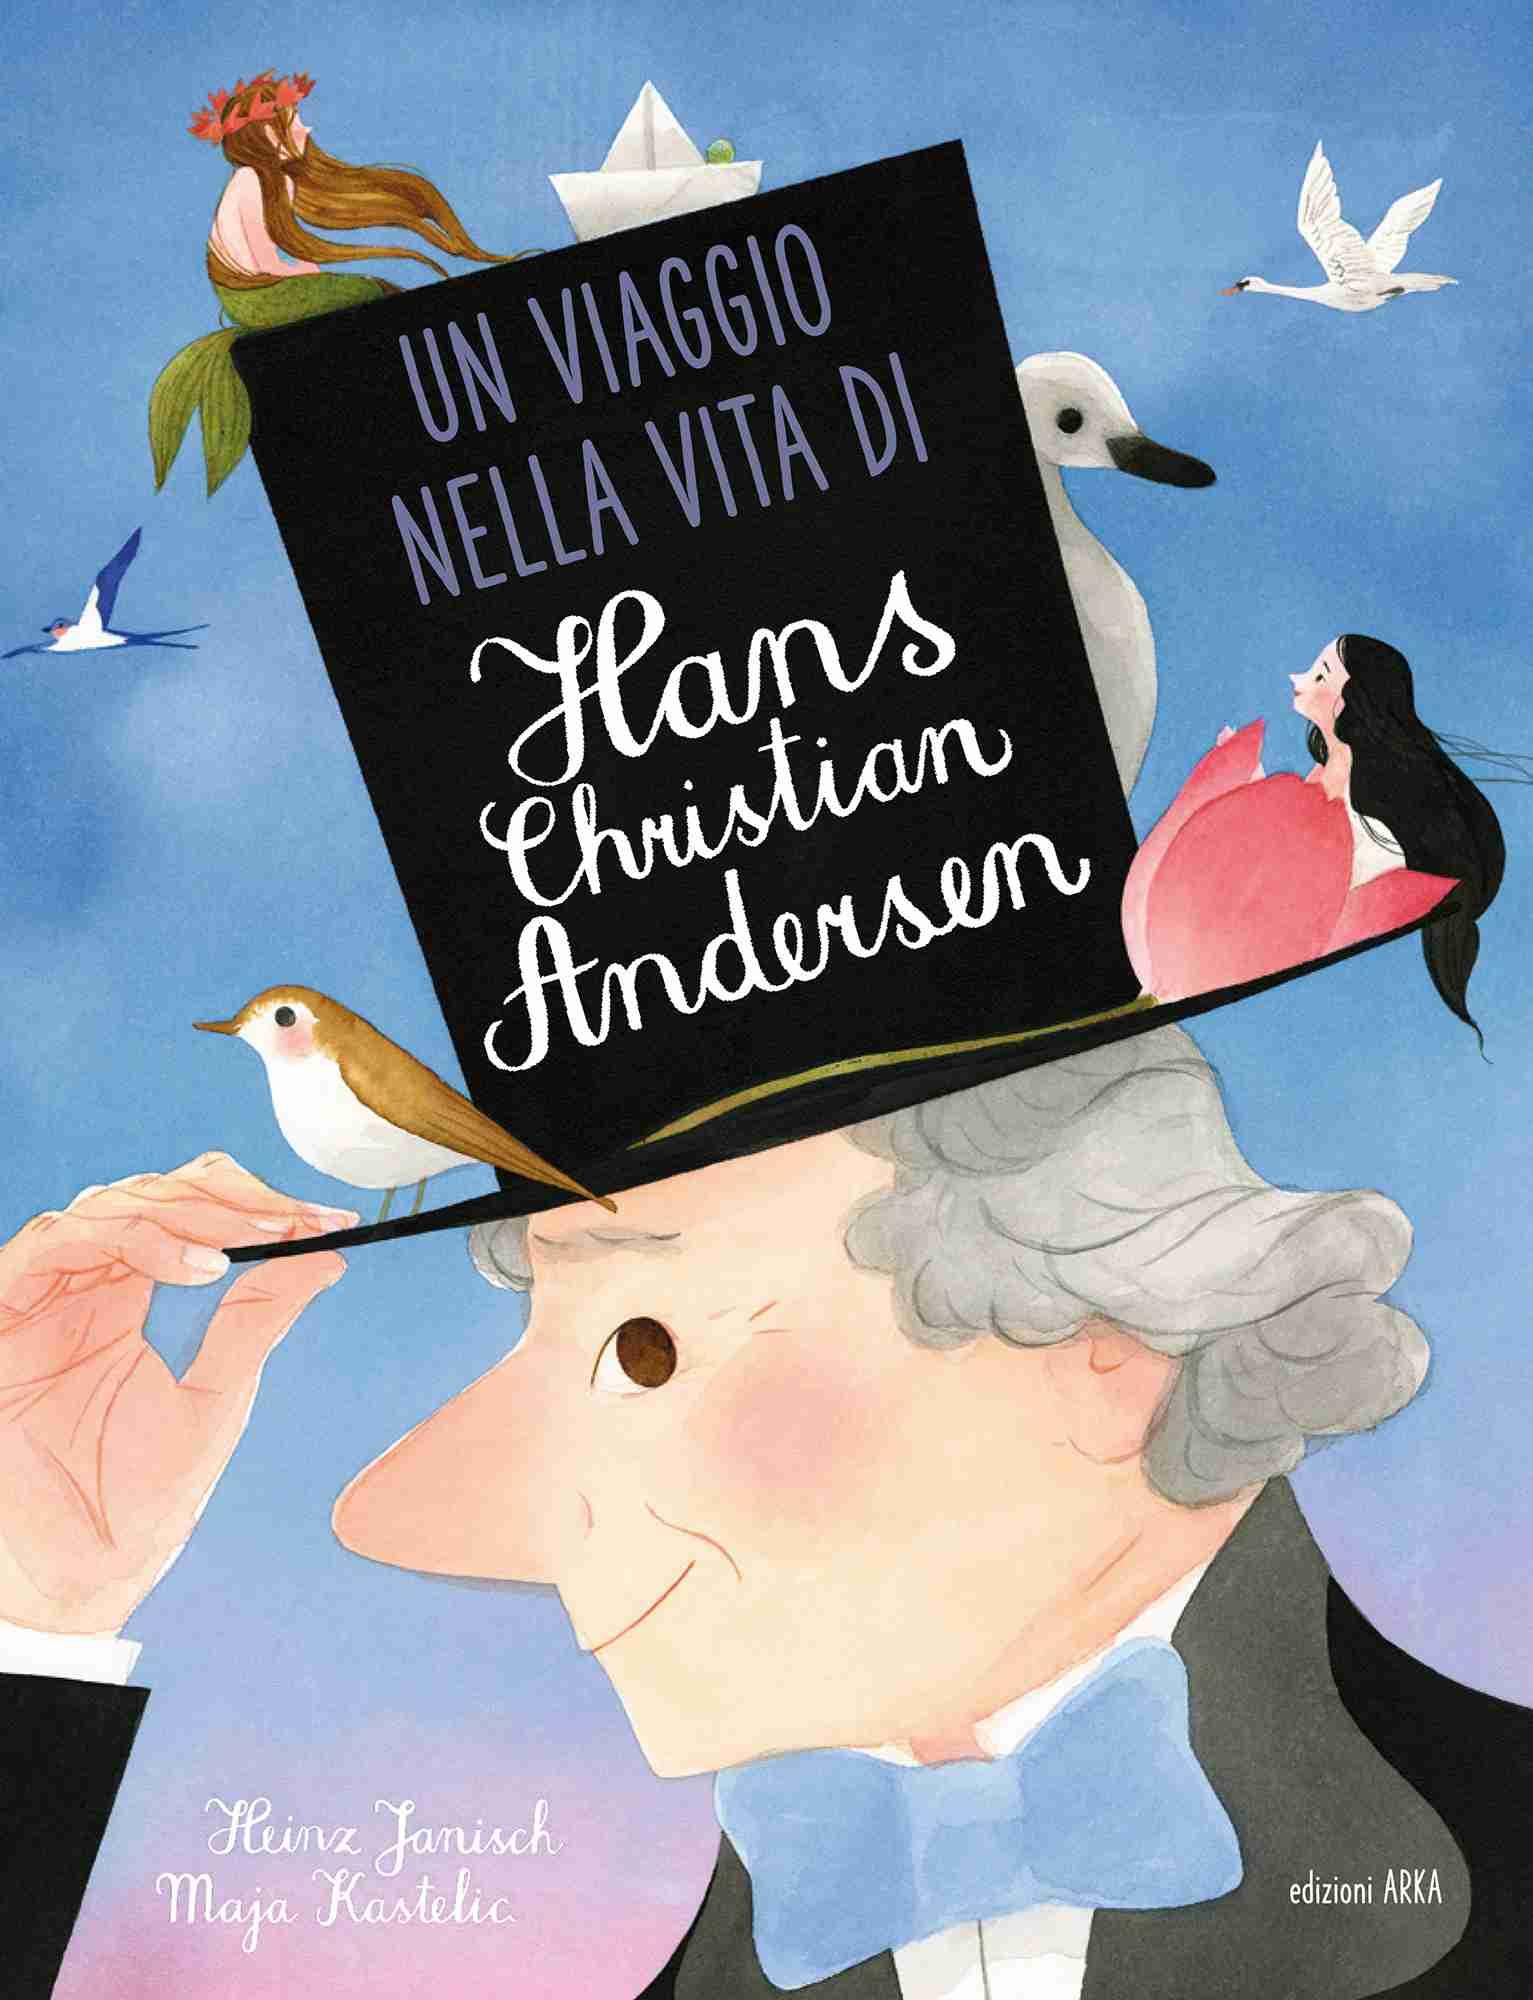 UN VIAGGIO NELLA VITA DI HANS CHRISTIAN ANDERSEN di Heinz Janish e Maja Kastelic, EDIZIONI ARKA